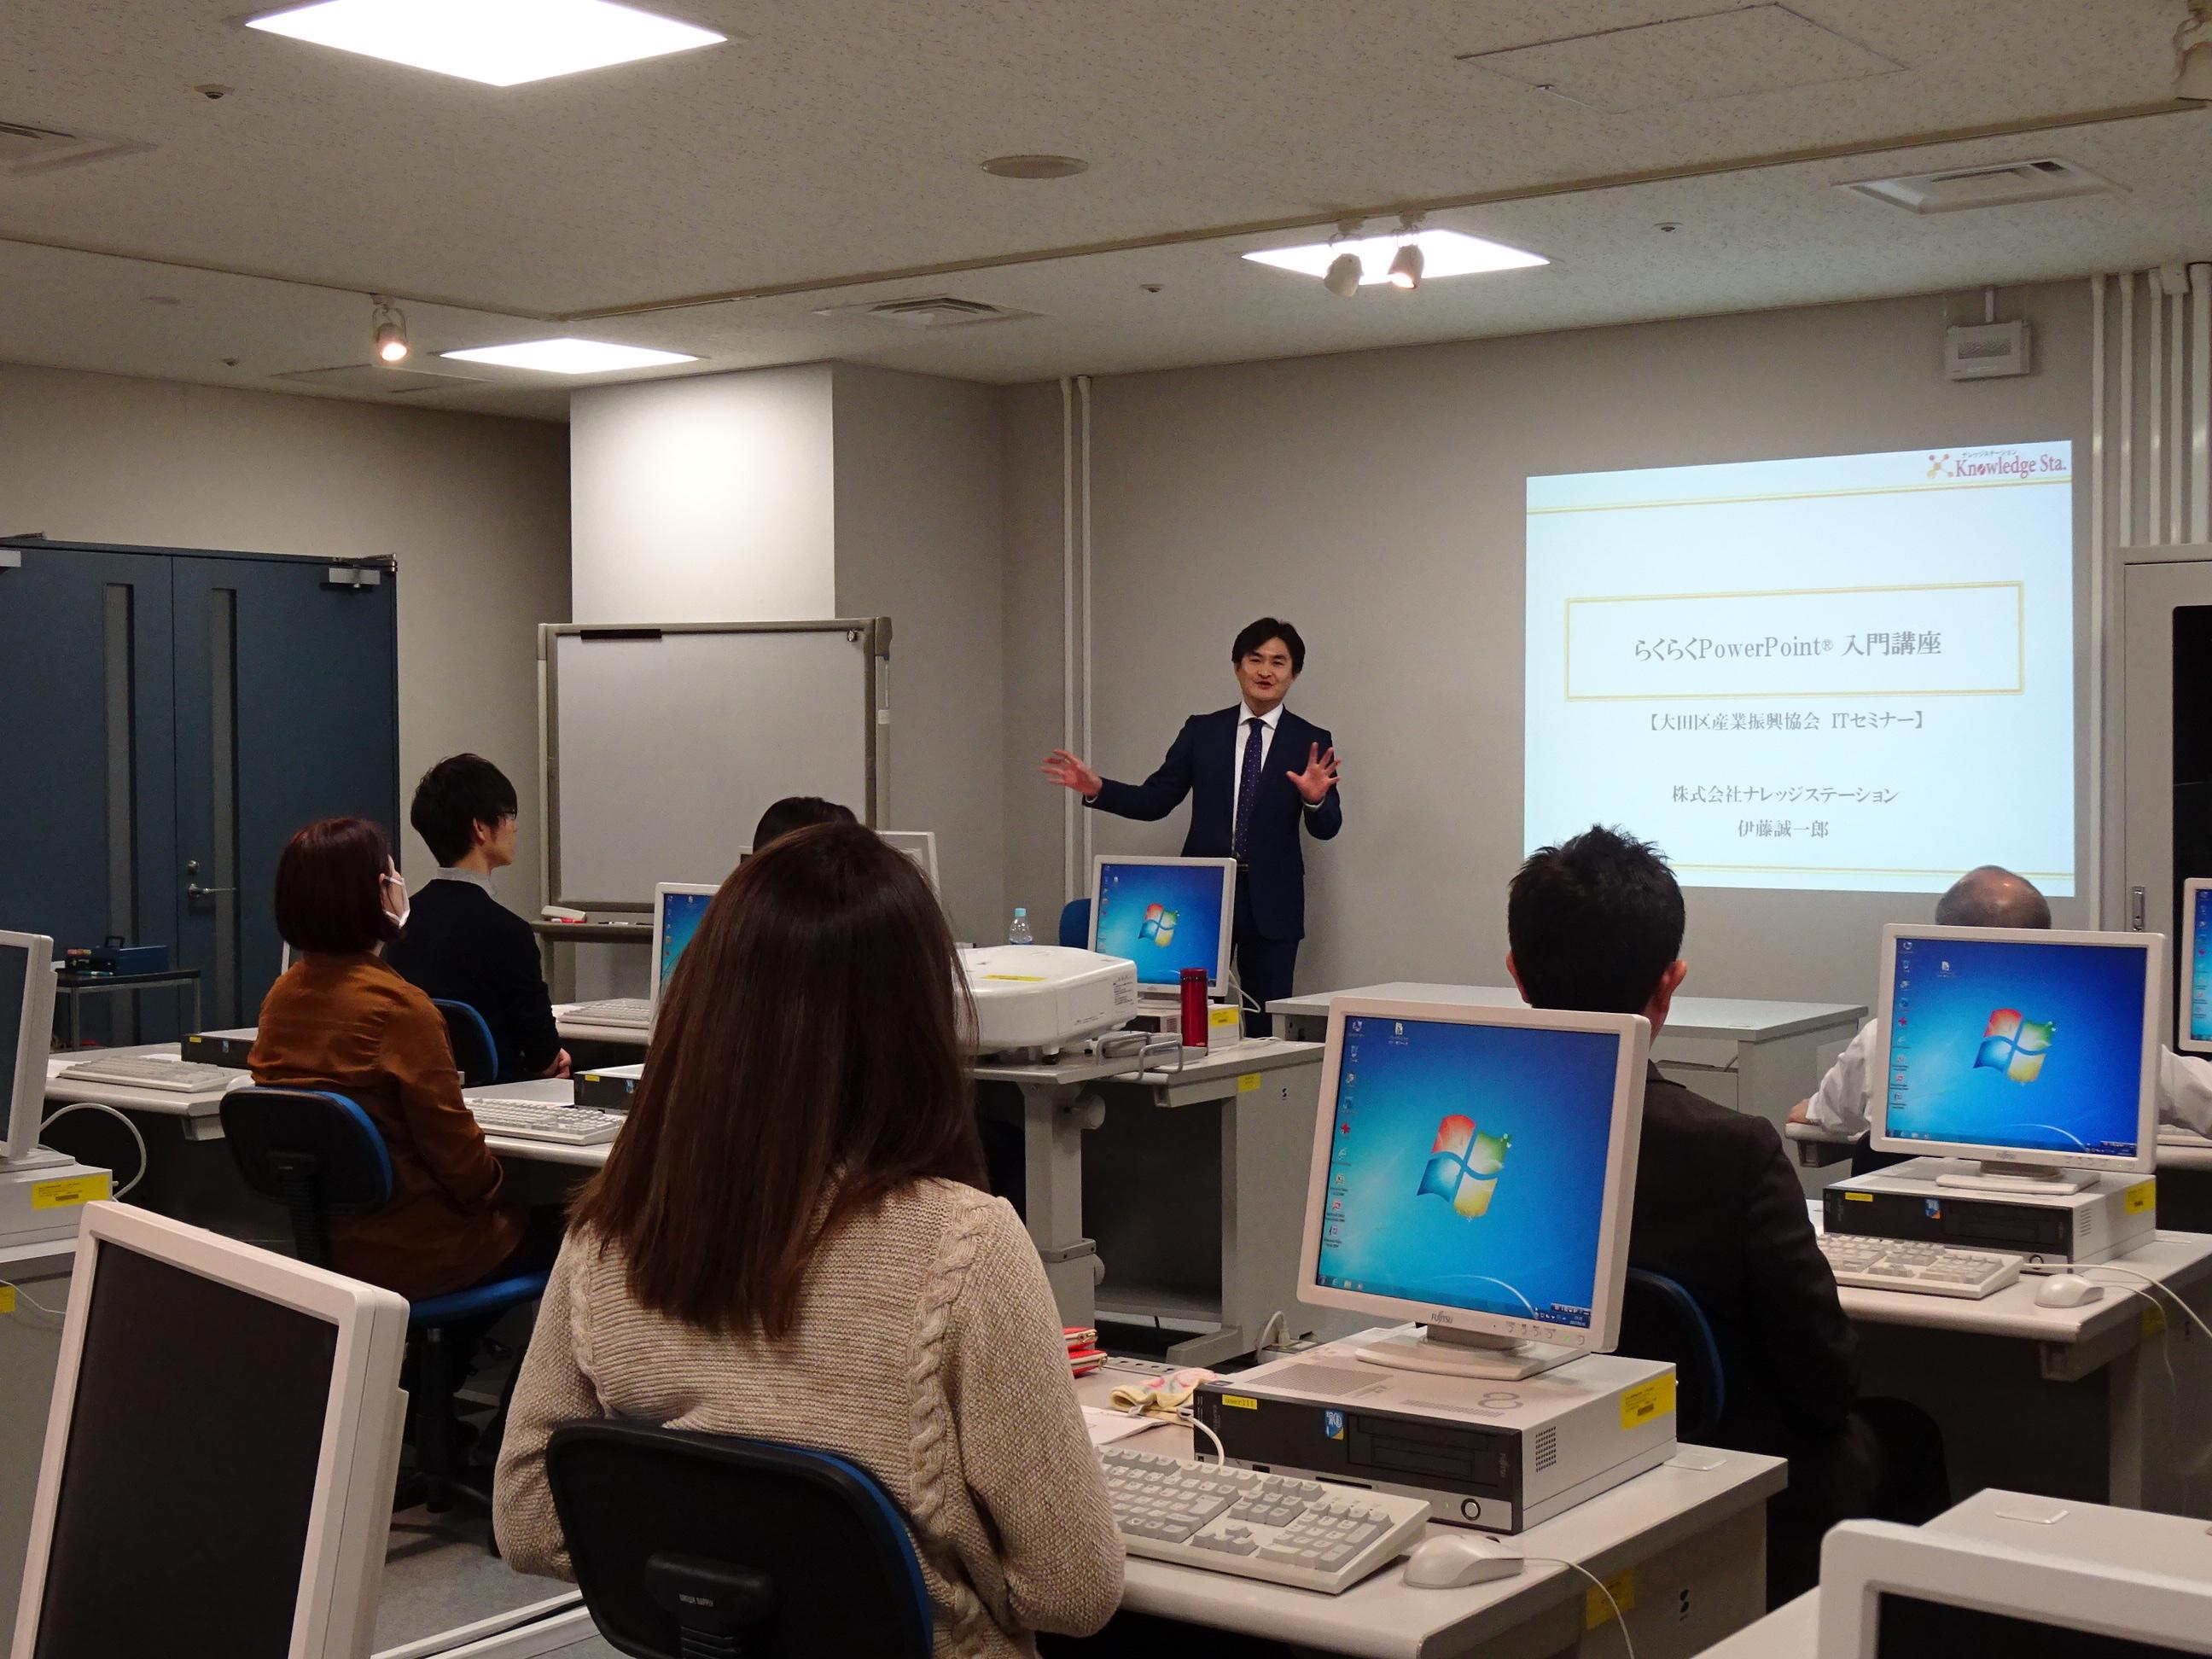 【大田区】PowerPointプレゼン実践力アップ講座画像01